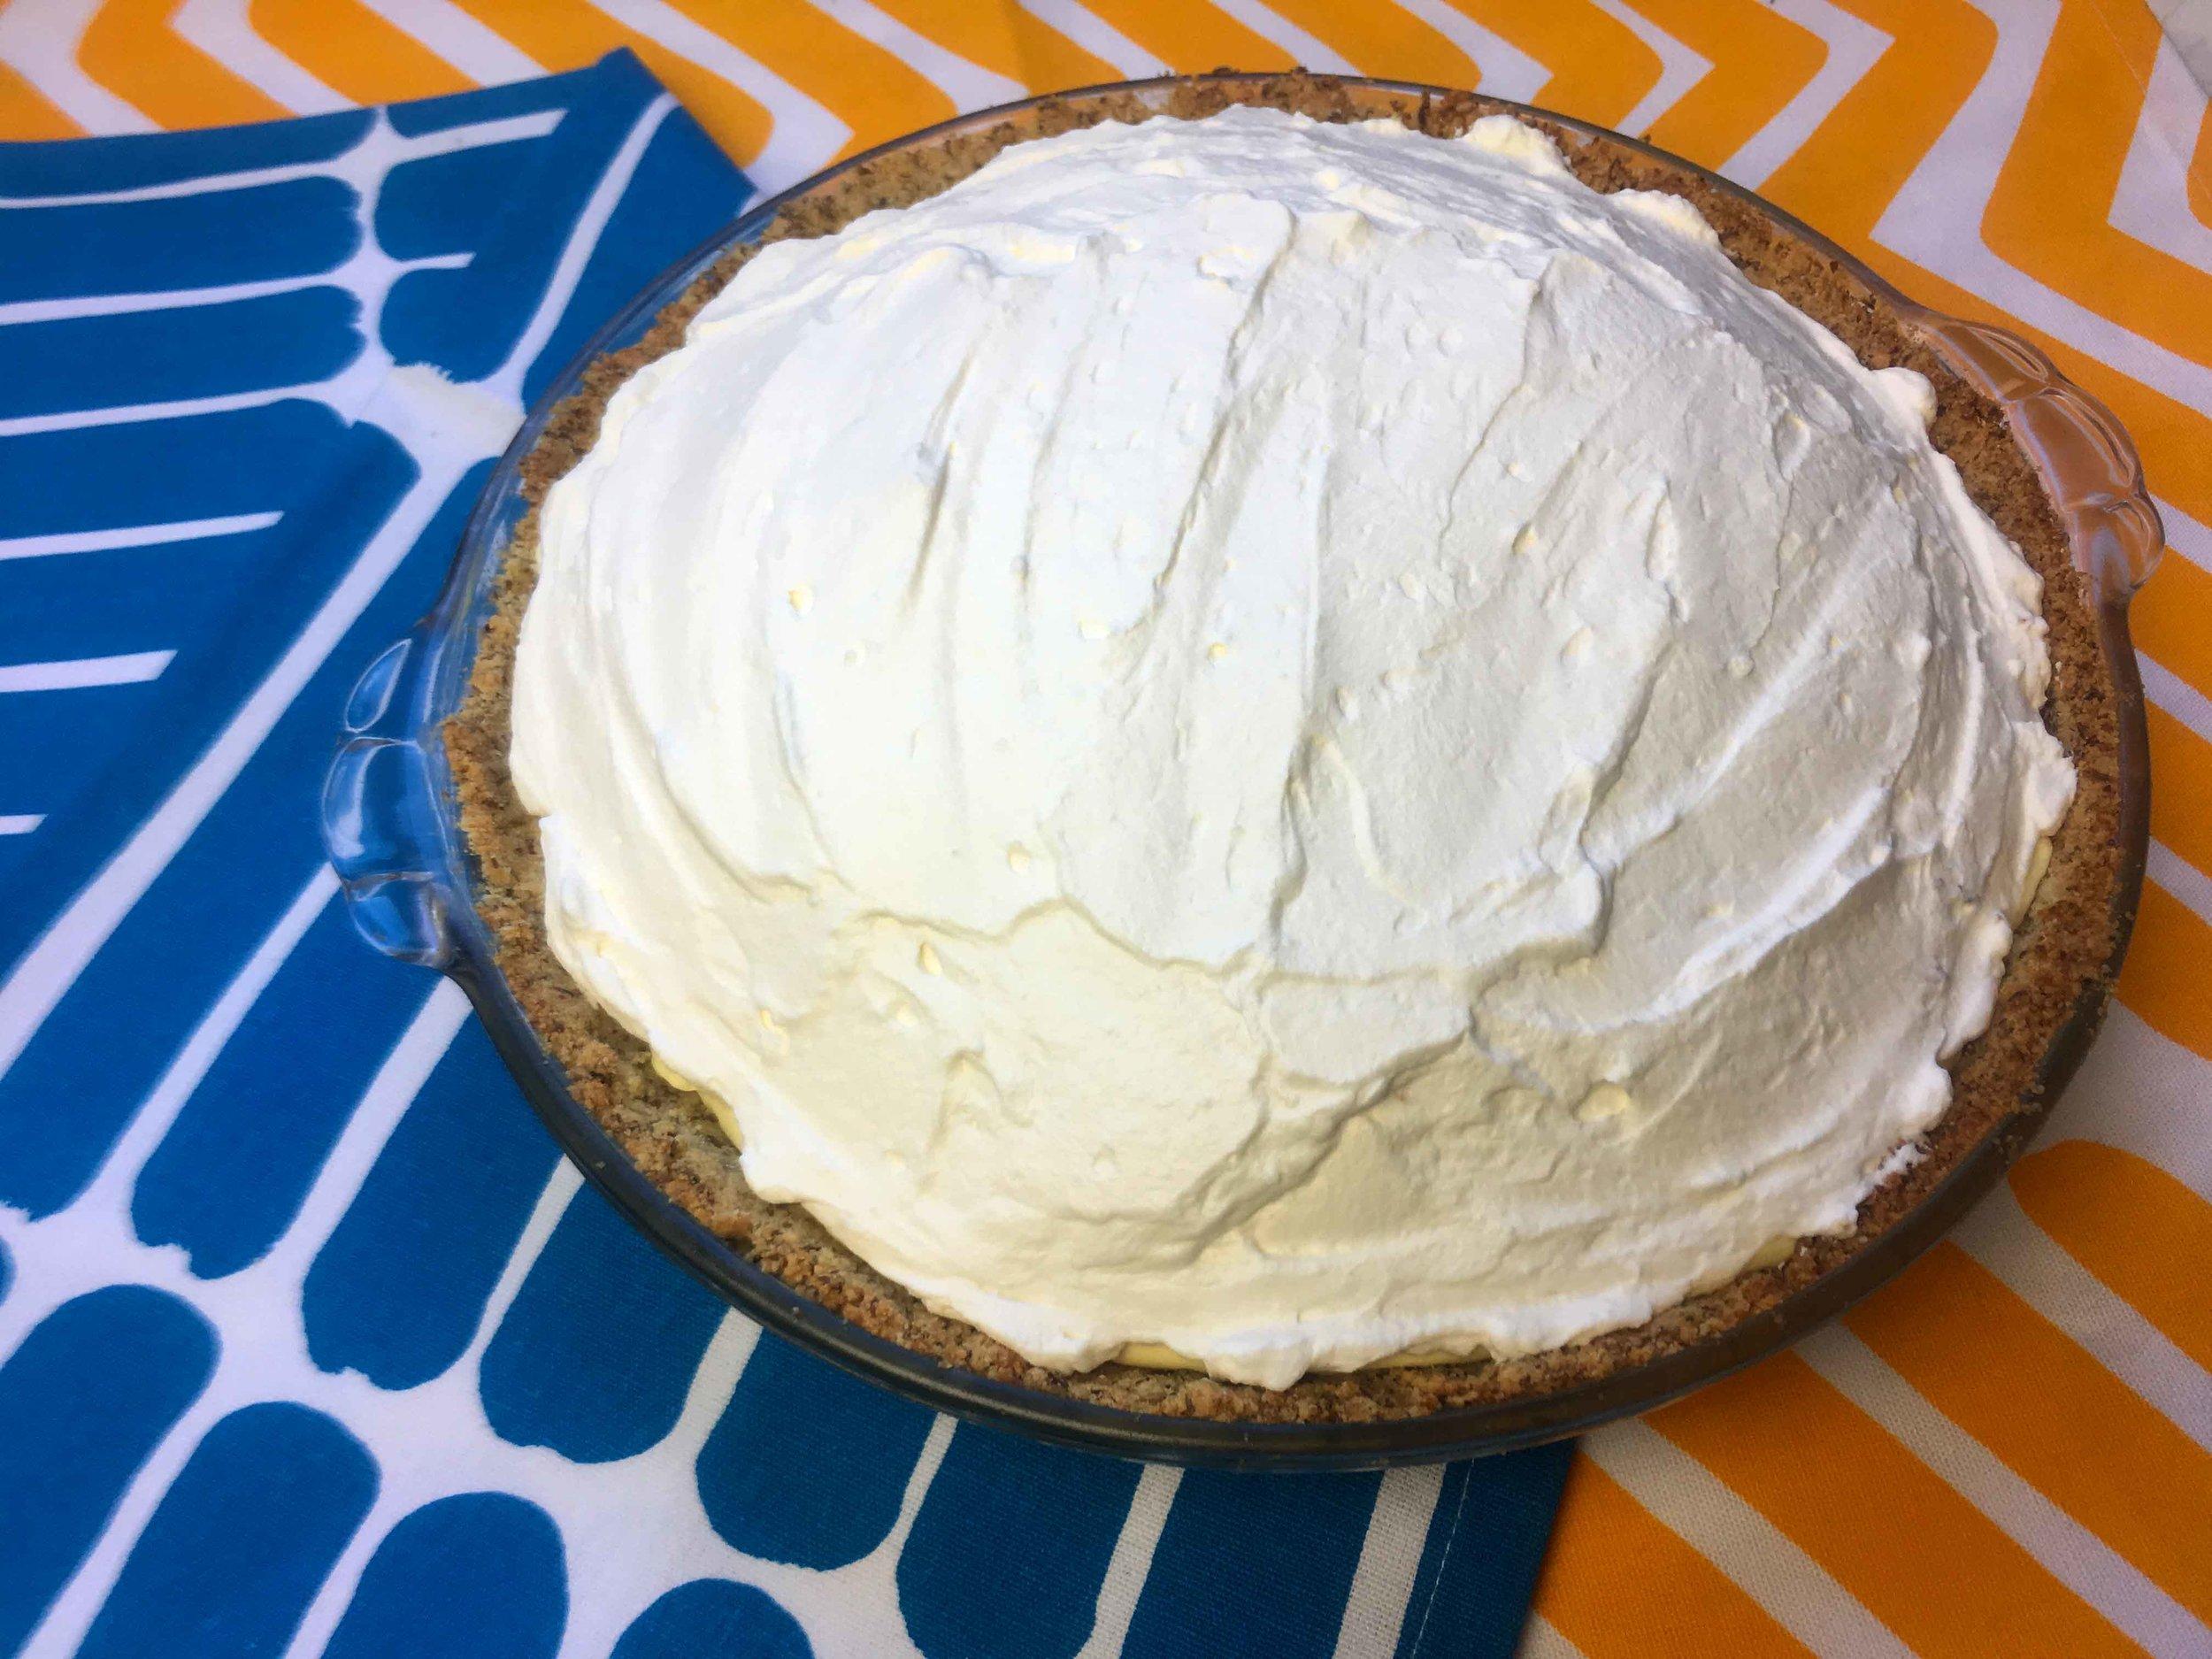 Keto Low Carb Banana Cream Pie Recipe